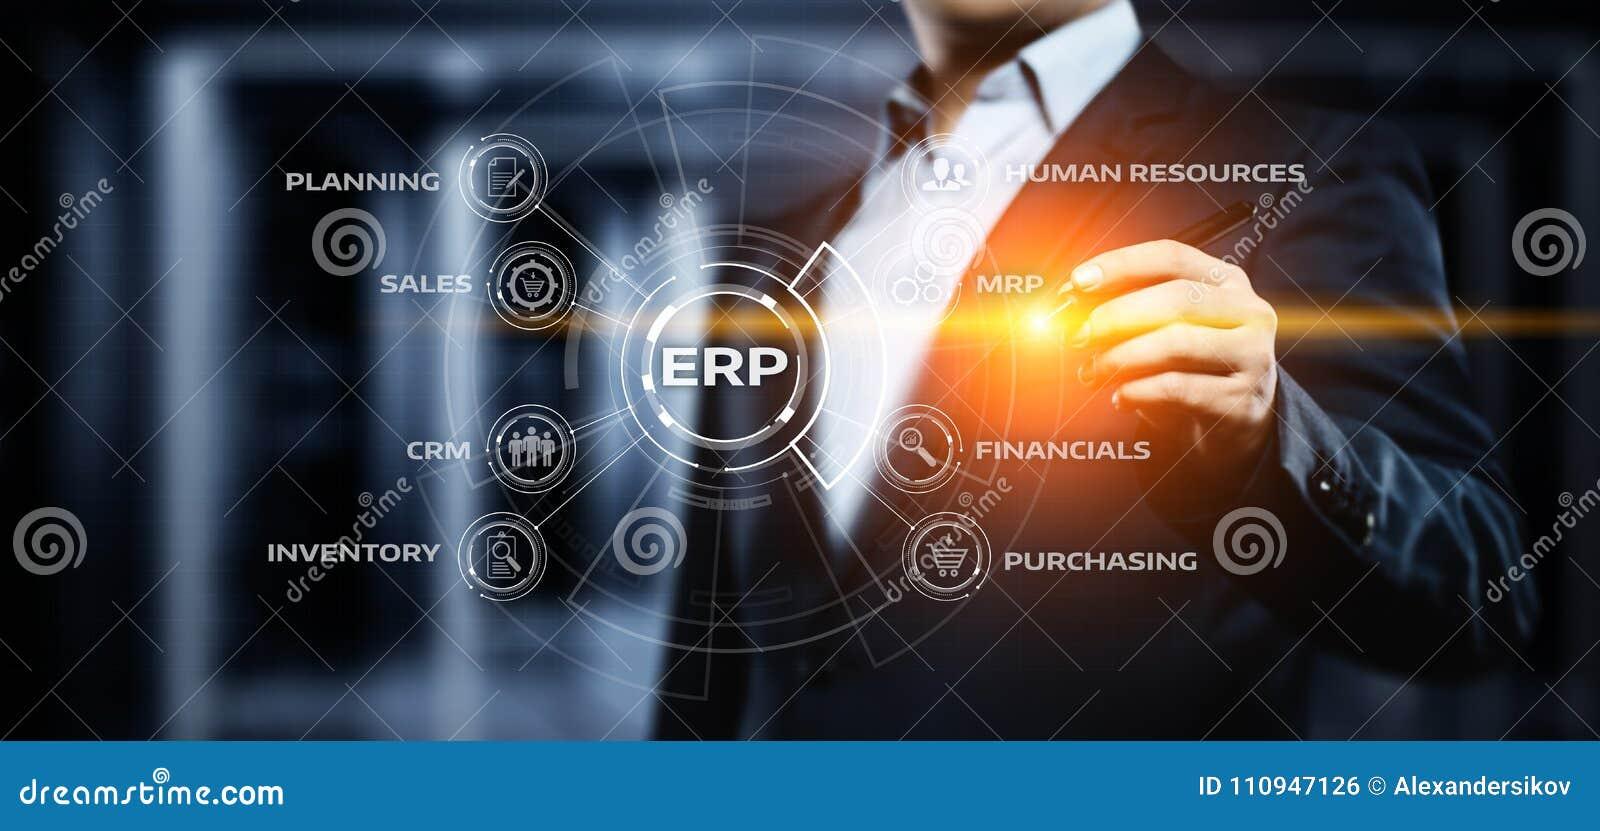 Przedsięwzięcia Zasoby Planowanie ERP Korporacyjny Firma zarządzania technologii Biznesowy Internetowy pojęcie